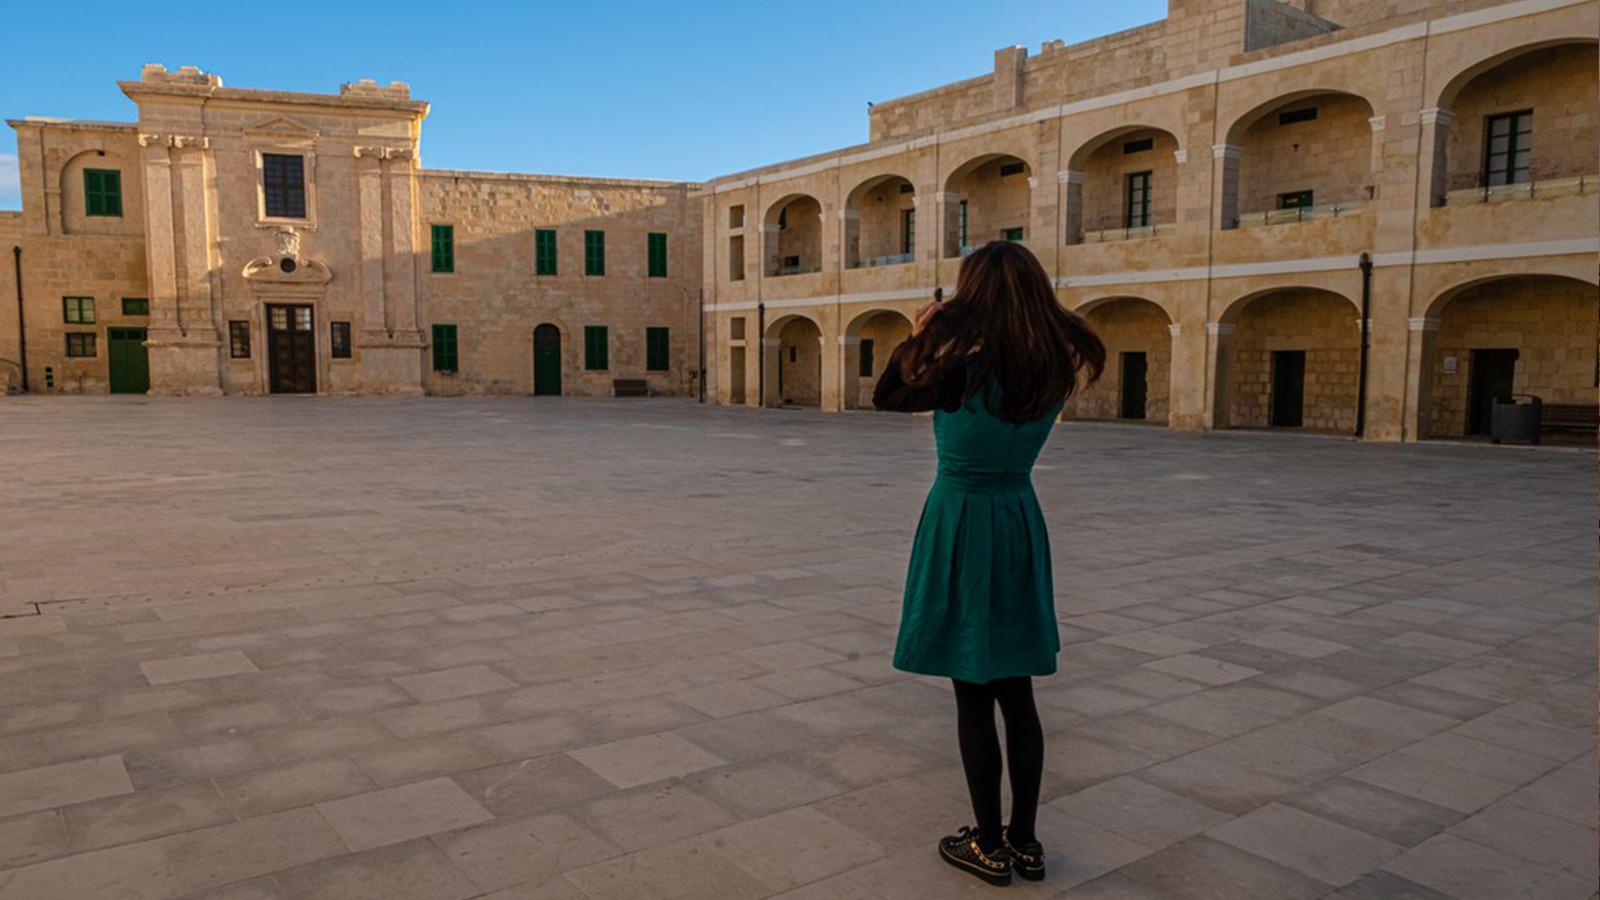 Malta in inverno? Un viaggio dalle mille sorprese